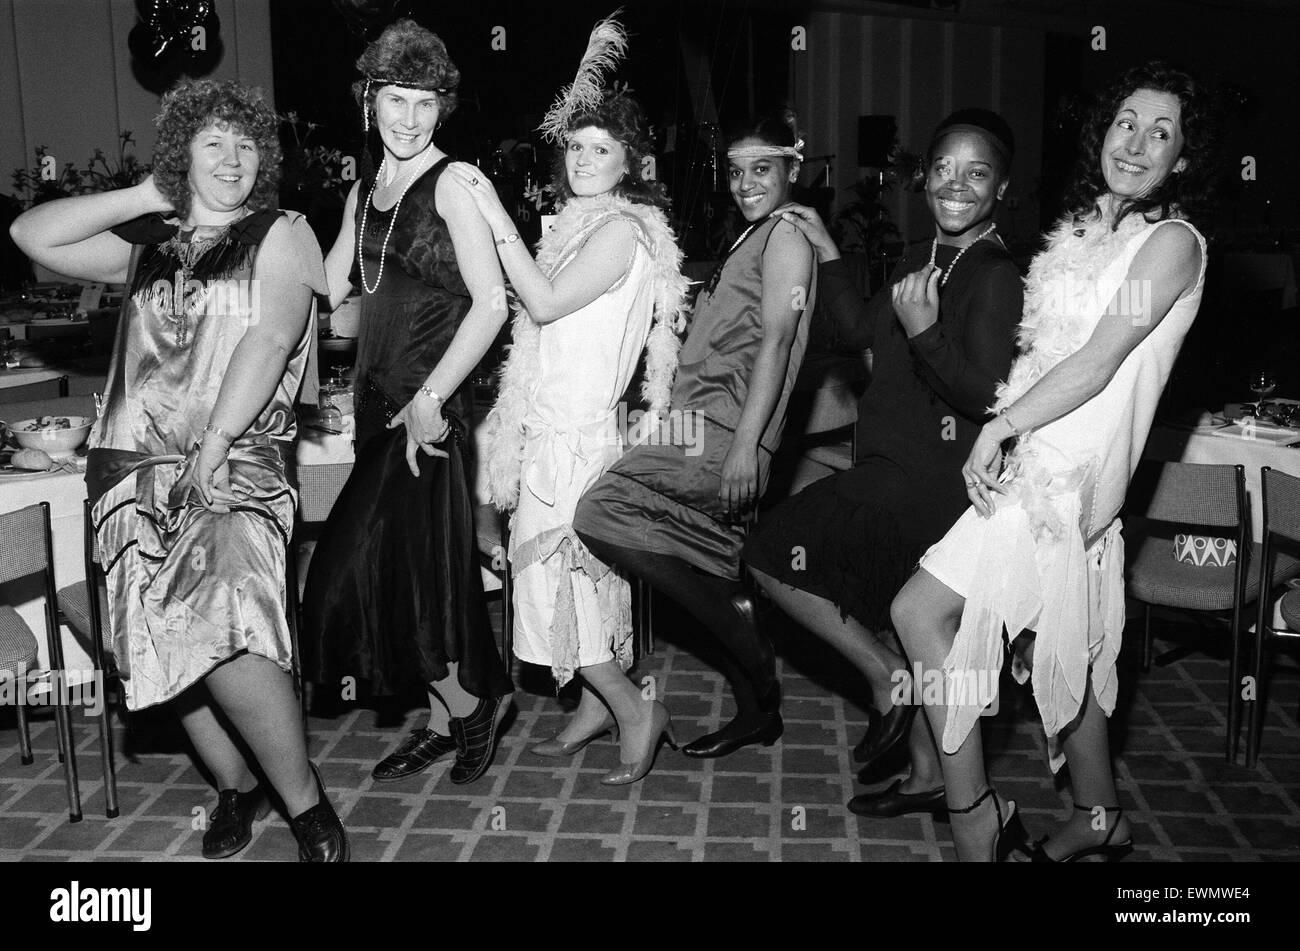 Roaring Twenties Party Stockfotos & Roaring Twenties Party Bilder ...